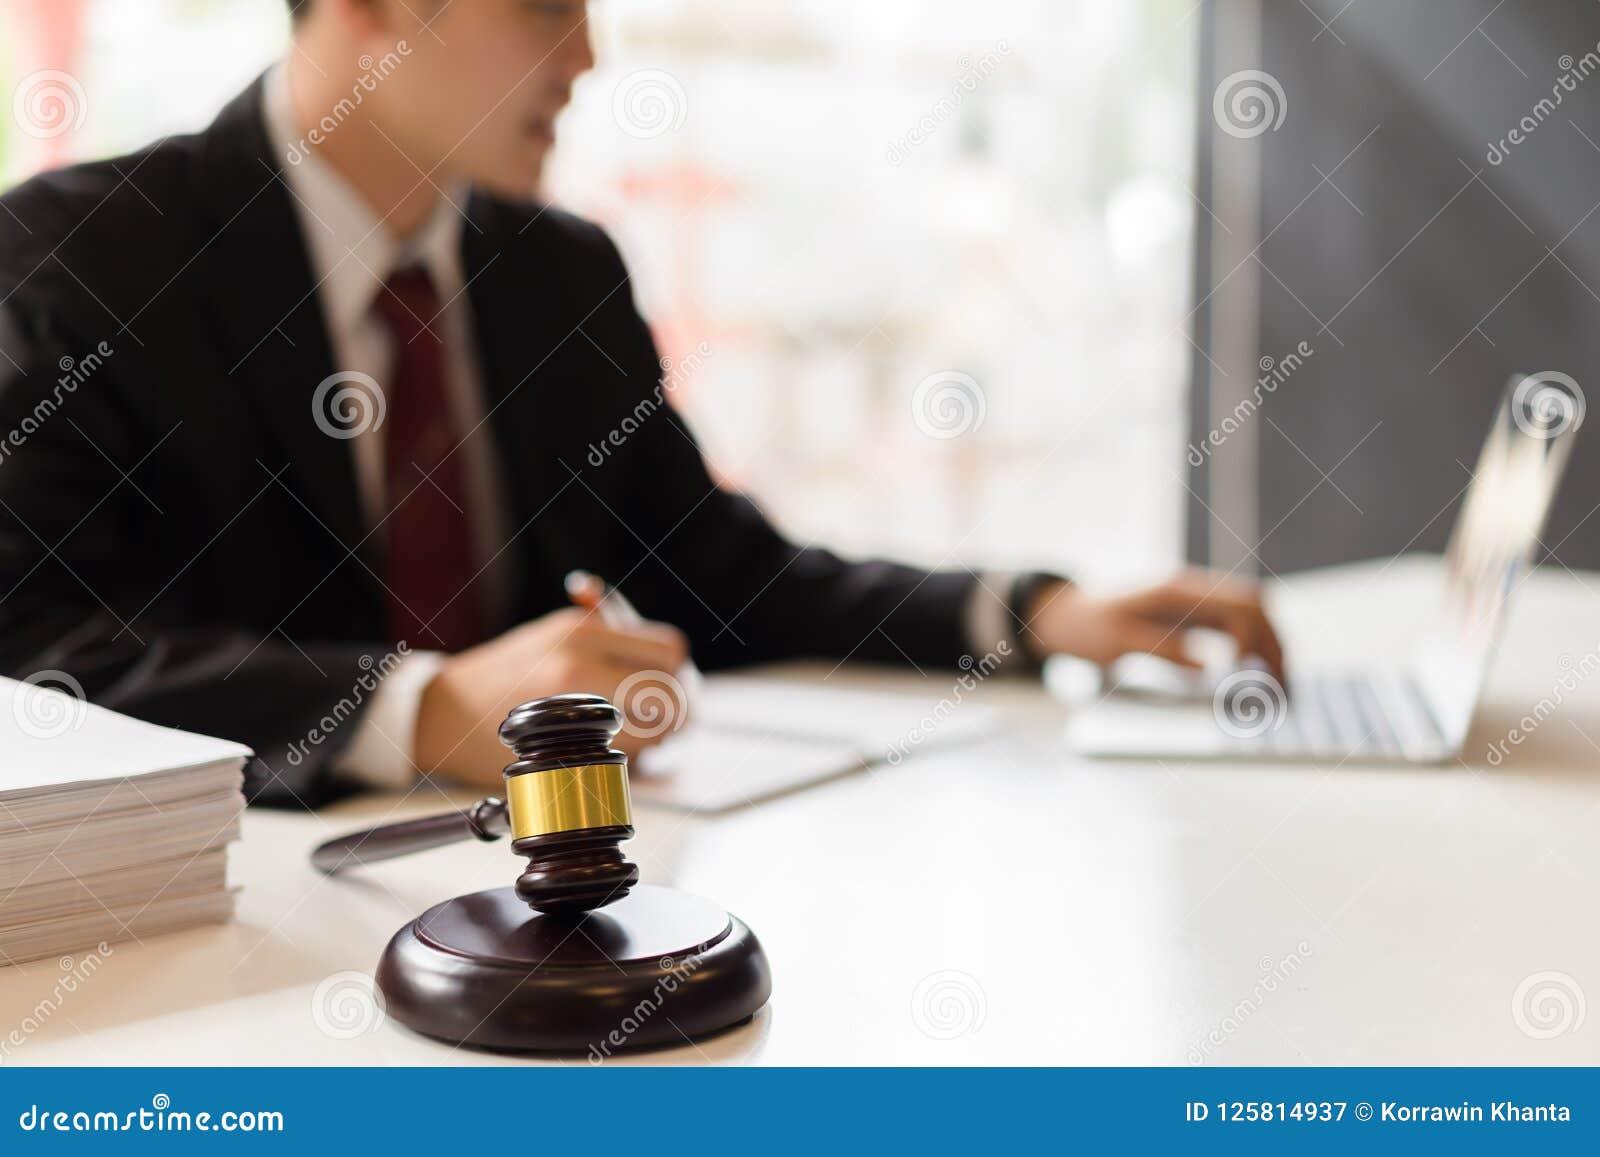 Консультант по юридическим вопросам работая с портативным компьютером